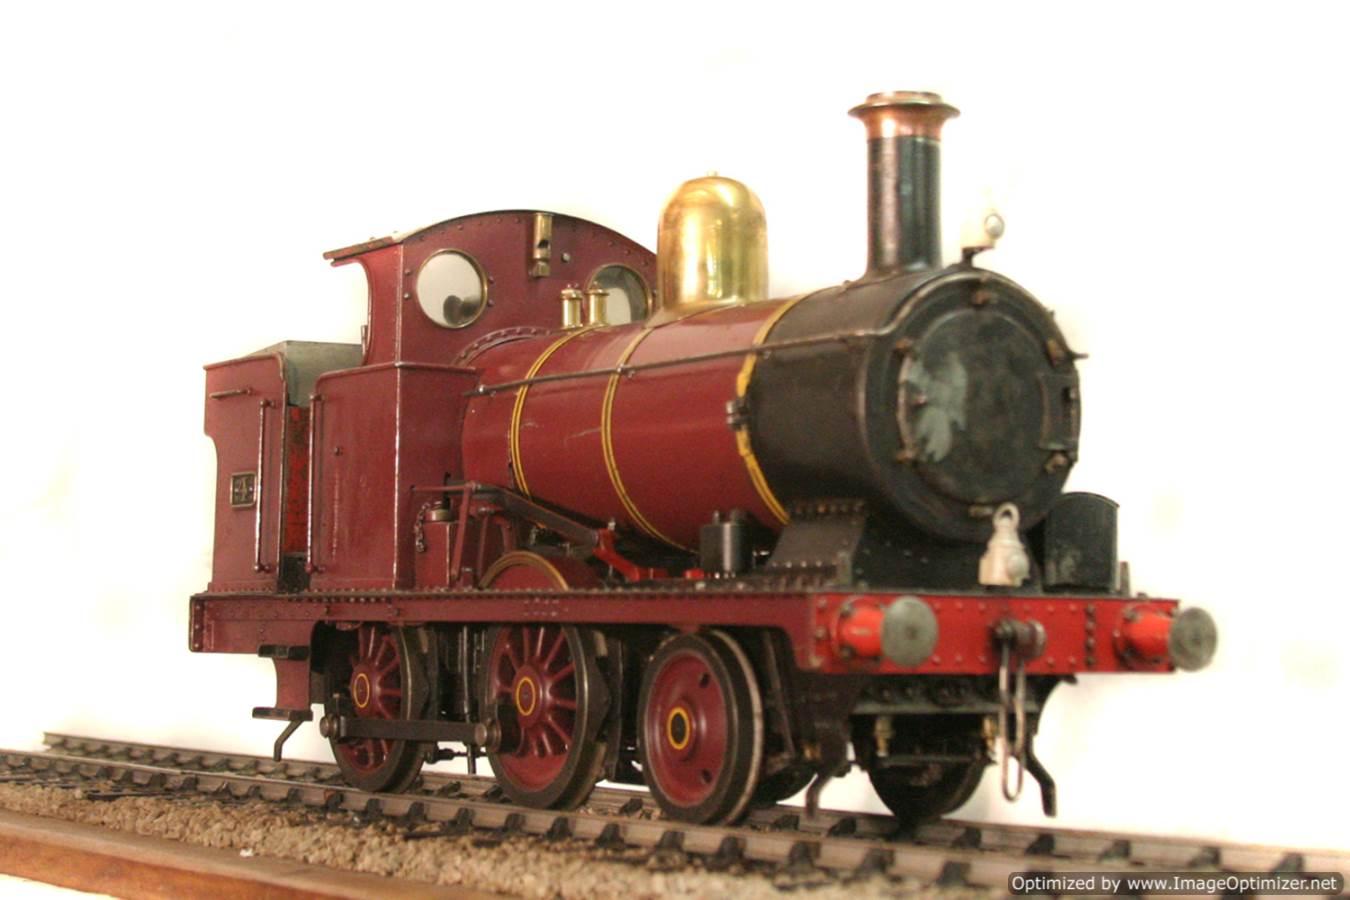 test Gem locomotive for sale 01 Optimized